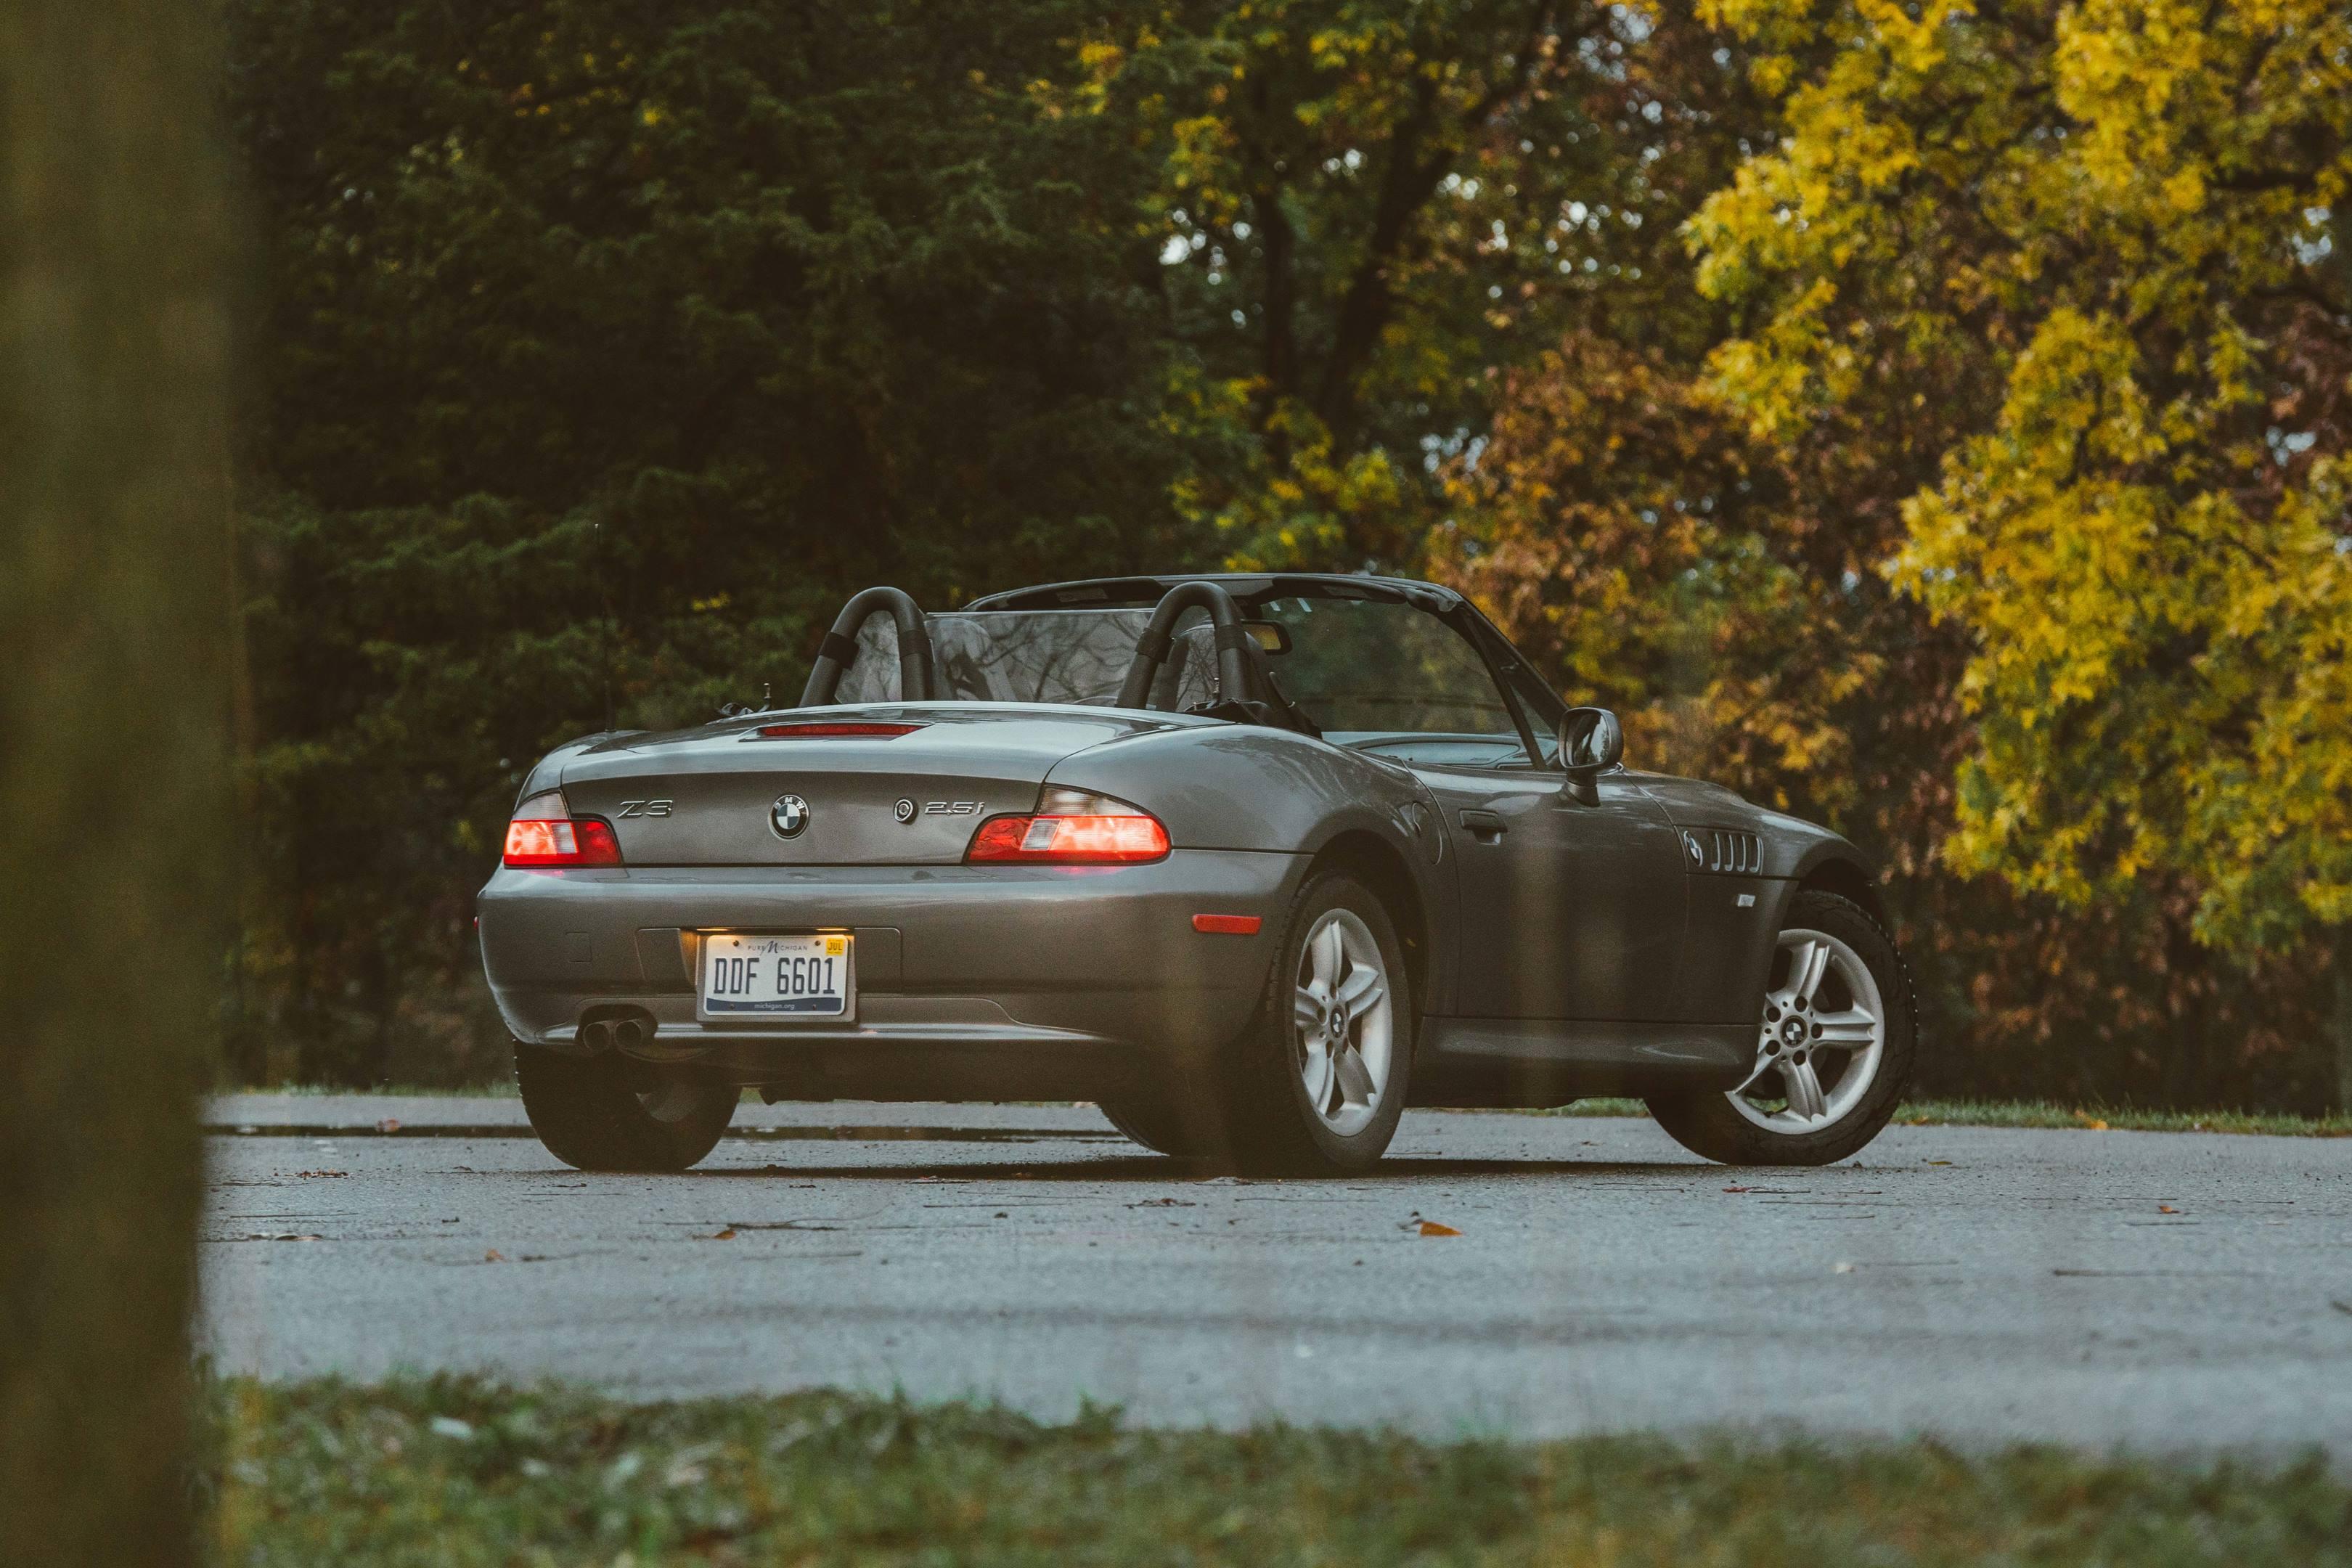 2001 BMW Z3 rear 3/4